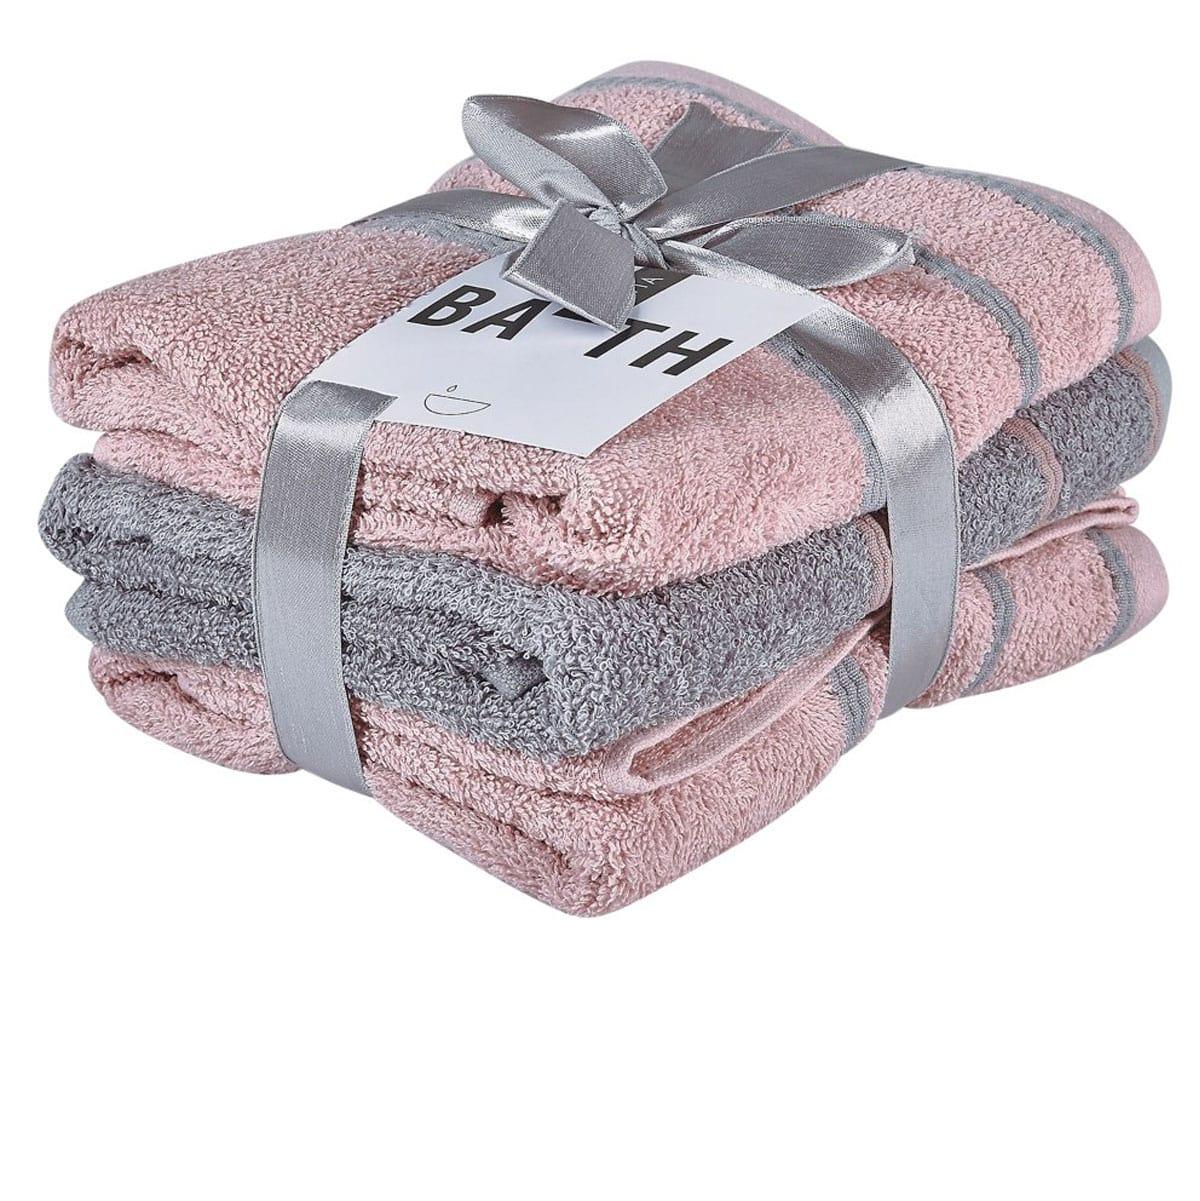 Πετσέτες Σετ 3Τμχ. Zana 18 Pink-Grey Kentia Σετ Πετσέτες